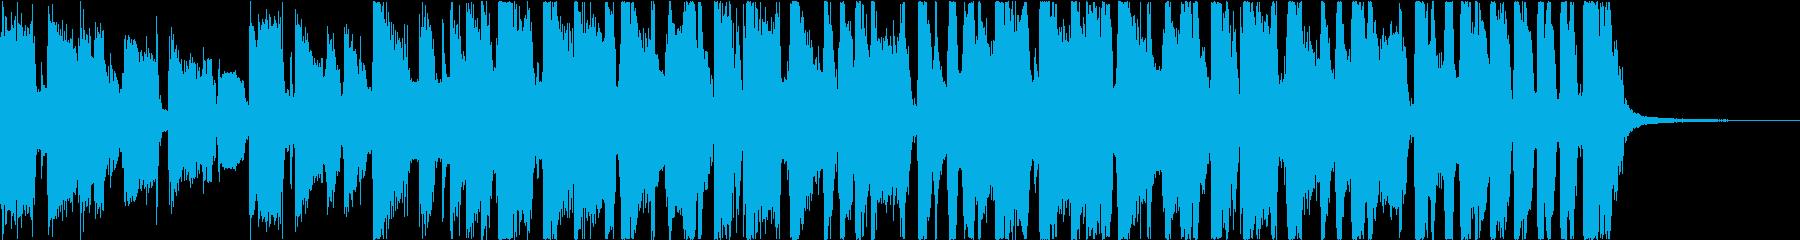 派手なブラスのファンクロックジングルの再生済みの波形